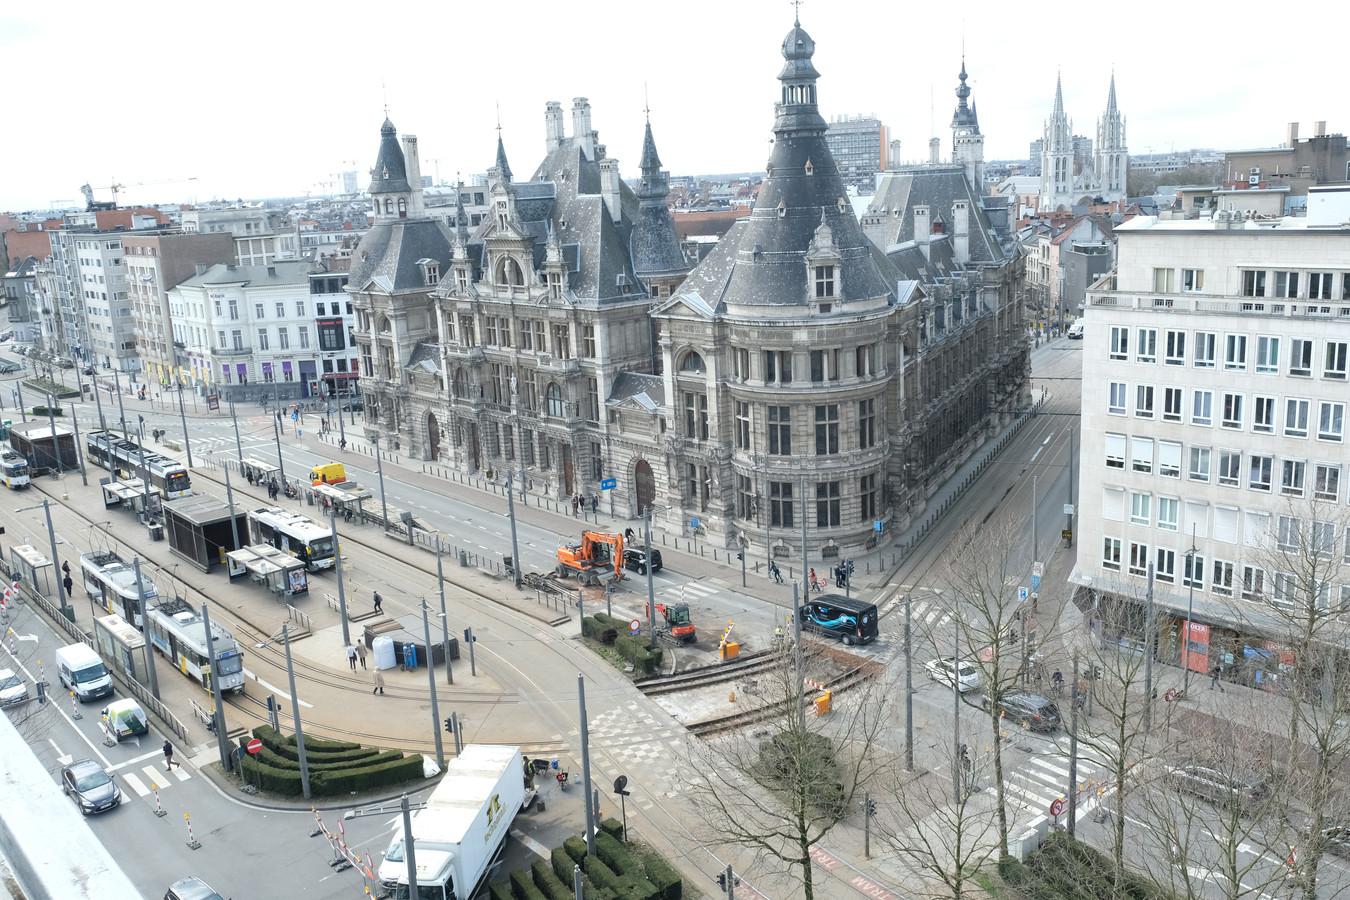 De iconische Nationale Bank wordt volop gerenoveerd. De eerste huurder is nu een feit: in het najaar trekt interieurzaak Donum in op het gelijkvloers.